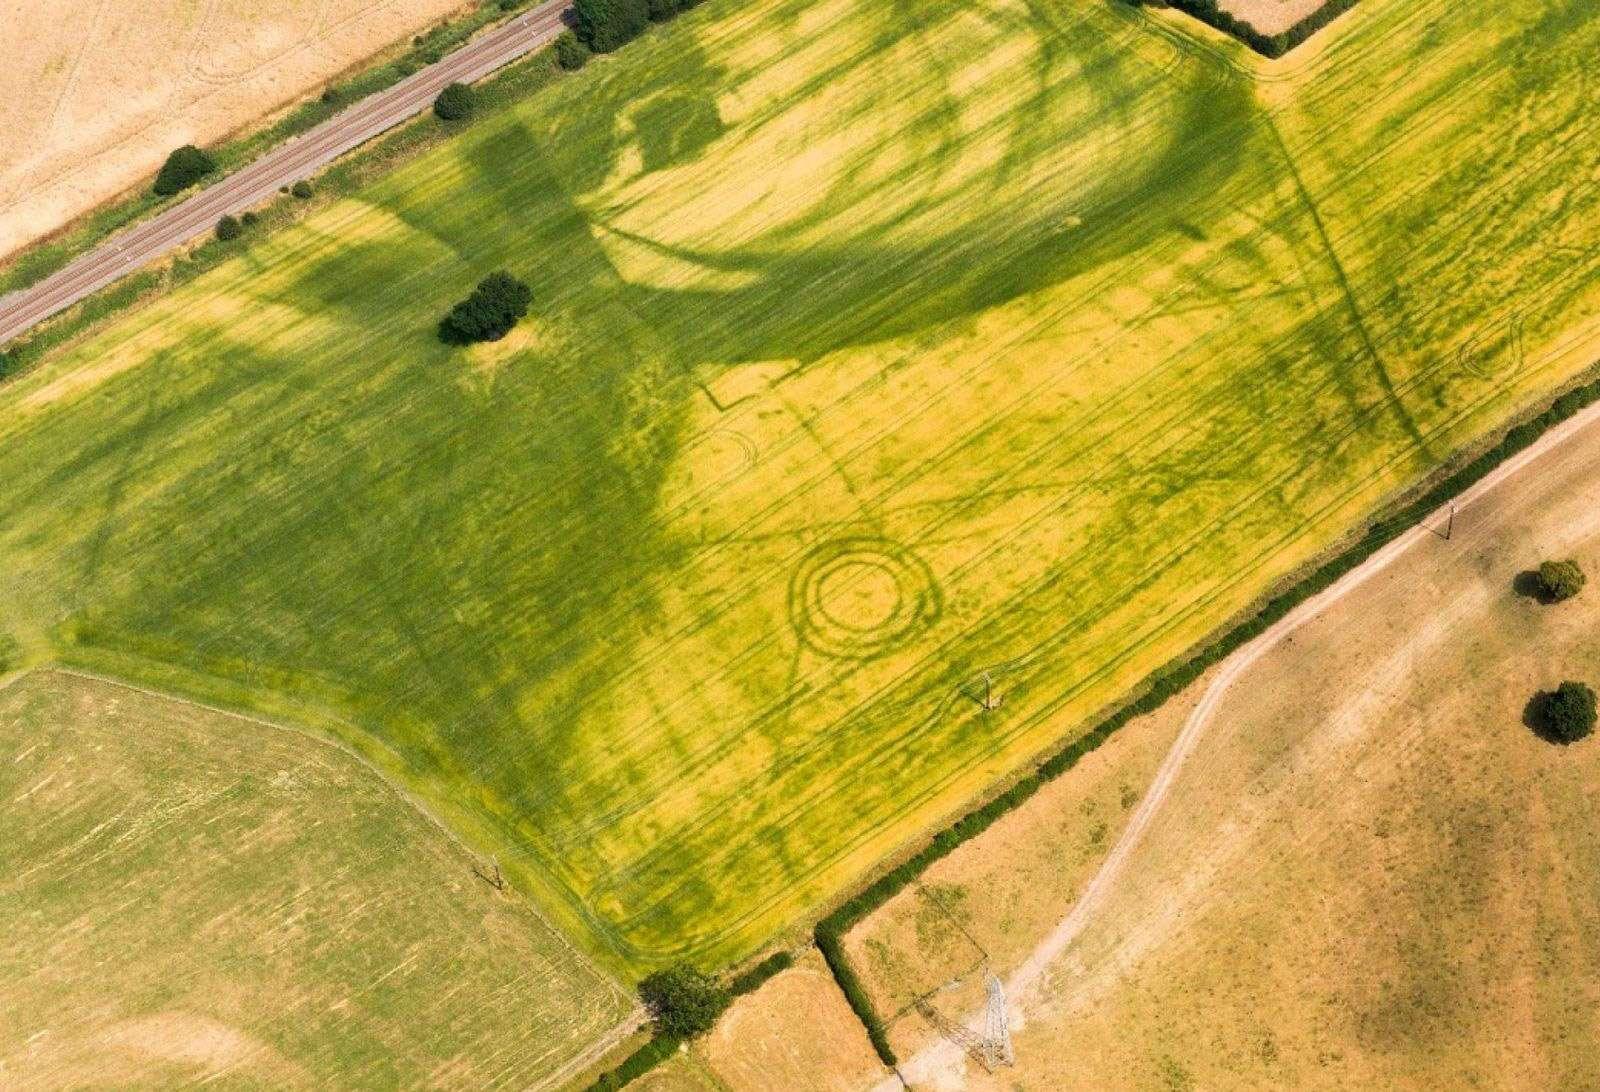 اخبار,اخبارگوناگون,کشف اسرار جدید از تاریخچه دفن شده انگلستان